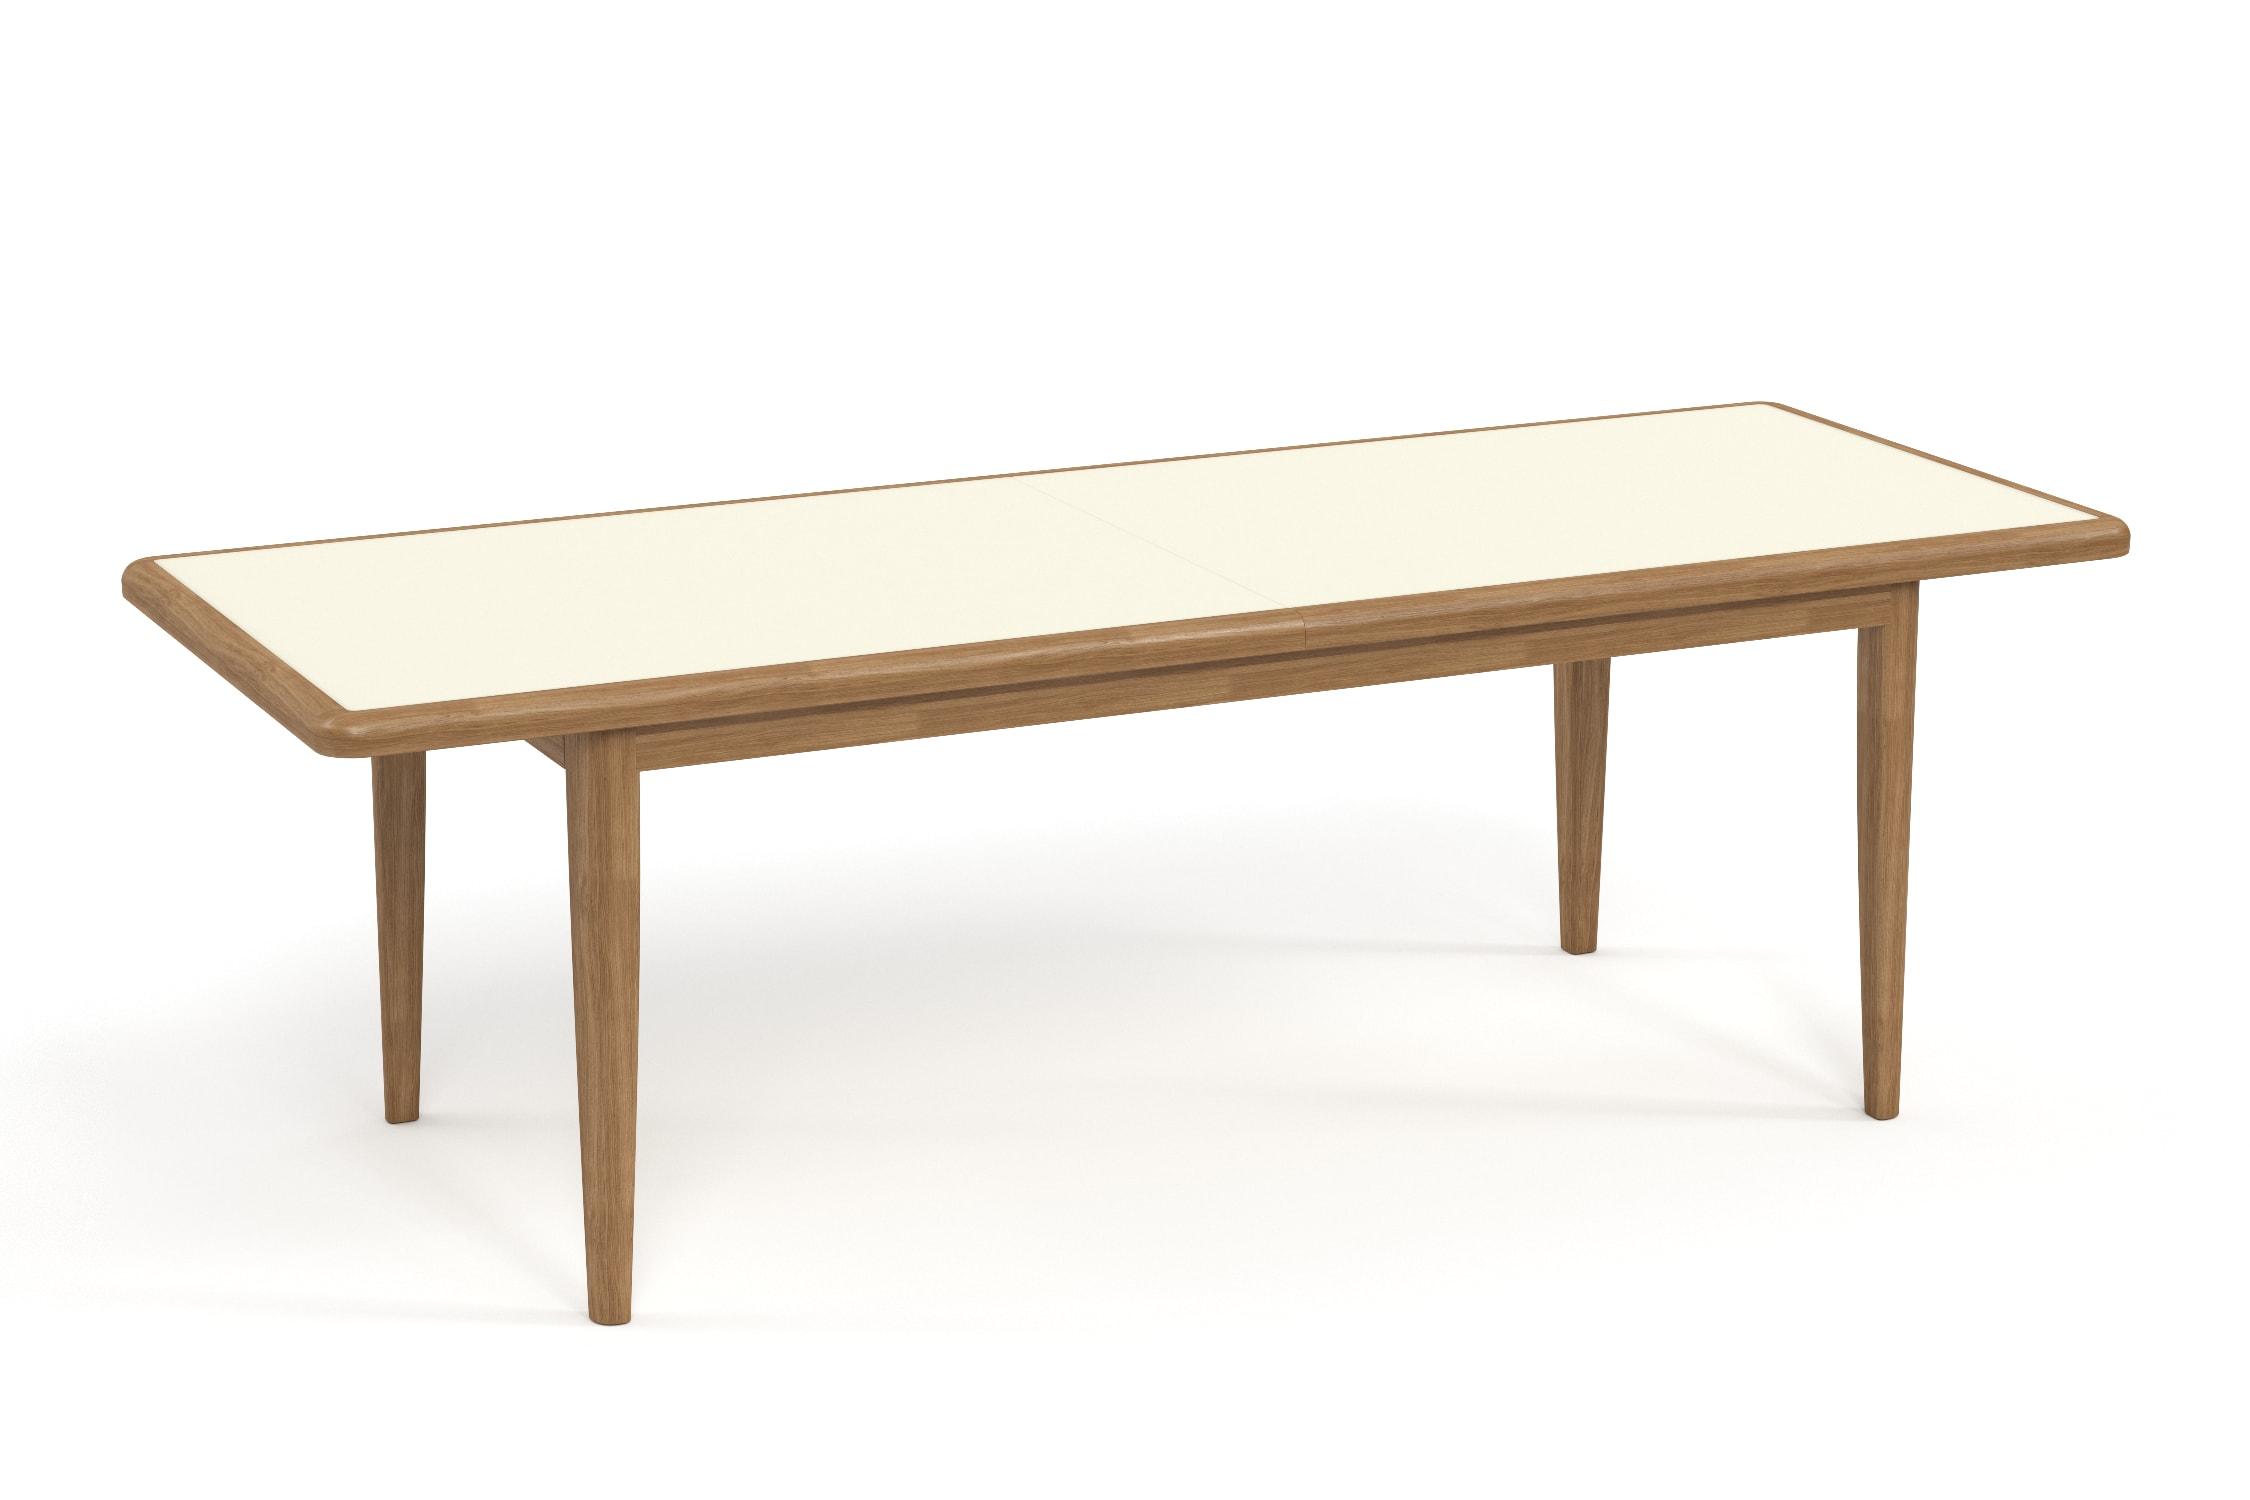 Стол обеденный SeagullСтолы и столики для сада<br>&amp;lt;div&amp;gt;Коллекция SEAGULL – воплощение природной простоты и естественного совершенства. Мебель привлекает тёплыми тонами, уникальностью материала и идеальными пропорциями. Стеклянные столешницы обеденных и журнальных столов по цвету гармонируют с тканью подушек, удобные диваны и «утопающие» кресла дарят ощущения спокойствия и комфорта.&amp;amp;nbsp;&amp;lt;/div&amp;gt;&amp;lt;div&amp;gt;&amp;lt;br&amp;gt;&amp;lt;/div&amp;gt;&amp;lt;div&amp;gt;Тик – прочная и твердая древесина, относится к ценным породам. Имеет темно-золотистый цвет и сохраняет его на протяжении очень длительного срока. Со временем приобретает благородный темно-серый или темно-коричневый цвет. Благодаря высокому содержанию природных масел, обладает высокой стойкостью против гниения, кислот и щелочей, не вызывает коррозию металлов. Тик содержит кислоты кремния и танина, придающие материалу стойкость к воздействию вредных внешних факторов. Древесина тика не подвержена воздействию термитов, не требует дополнительной антибактериальной обработки. Мебель из тика допускает круглогодичную эксплуатацию на открытом воздухе, выдерживает перепады температур от –30 до +30С. Срок службы более 25 лет.&amp;amp;nbsp;&amp;lt;/div&amp;gt;&amp;lt;div&amp;gt;&amp;lt;br&amp;gt;&amp;lt;/div&amp;gt;&amp;lt;div&amp;gt;Вся фурнитура изготовлена из нержавеющей стали на собственном производстве.&amp;amp;nbsp;&amp;lt;/div&amp;gt;&amp;lt;div&amp;gt;&amp;lt;br&amp;gt;&amp;lt;/div&amp;gt;<br><br>&amp;lt;iframe width=&amp;quot;530&amp;quot; height=&amp;quot;300&amp;quot; src=&amp;quot;https://www.youtube.com/embed/uL9Kujh07kc&amp;quot; frameborder=&amp;quot;0&amp;quot; allowfullscreen=&amp;quot;&amp;quot;&amp;gt;&amp;lt;/iframe&amp;gt;<br><br>Material: Тик<br>Ширина см: 90.0<br>Высота см: 77.0<br>Глубина см: 220.0